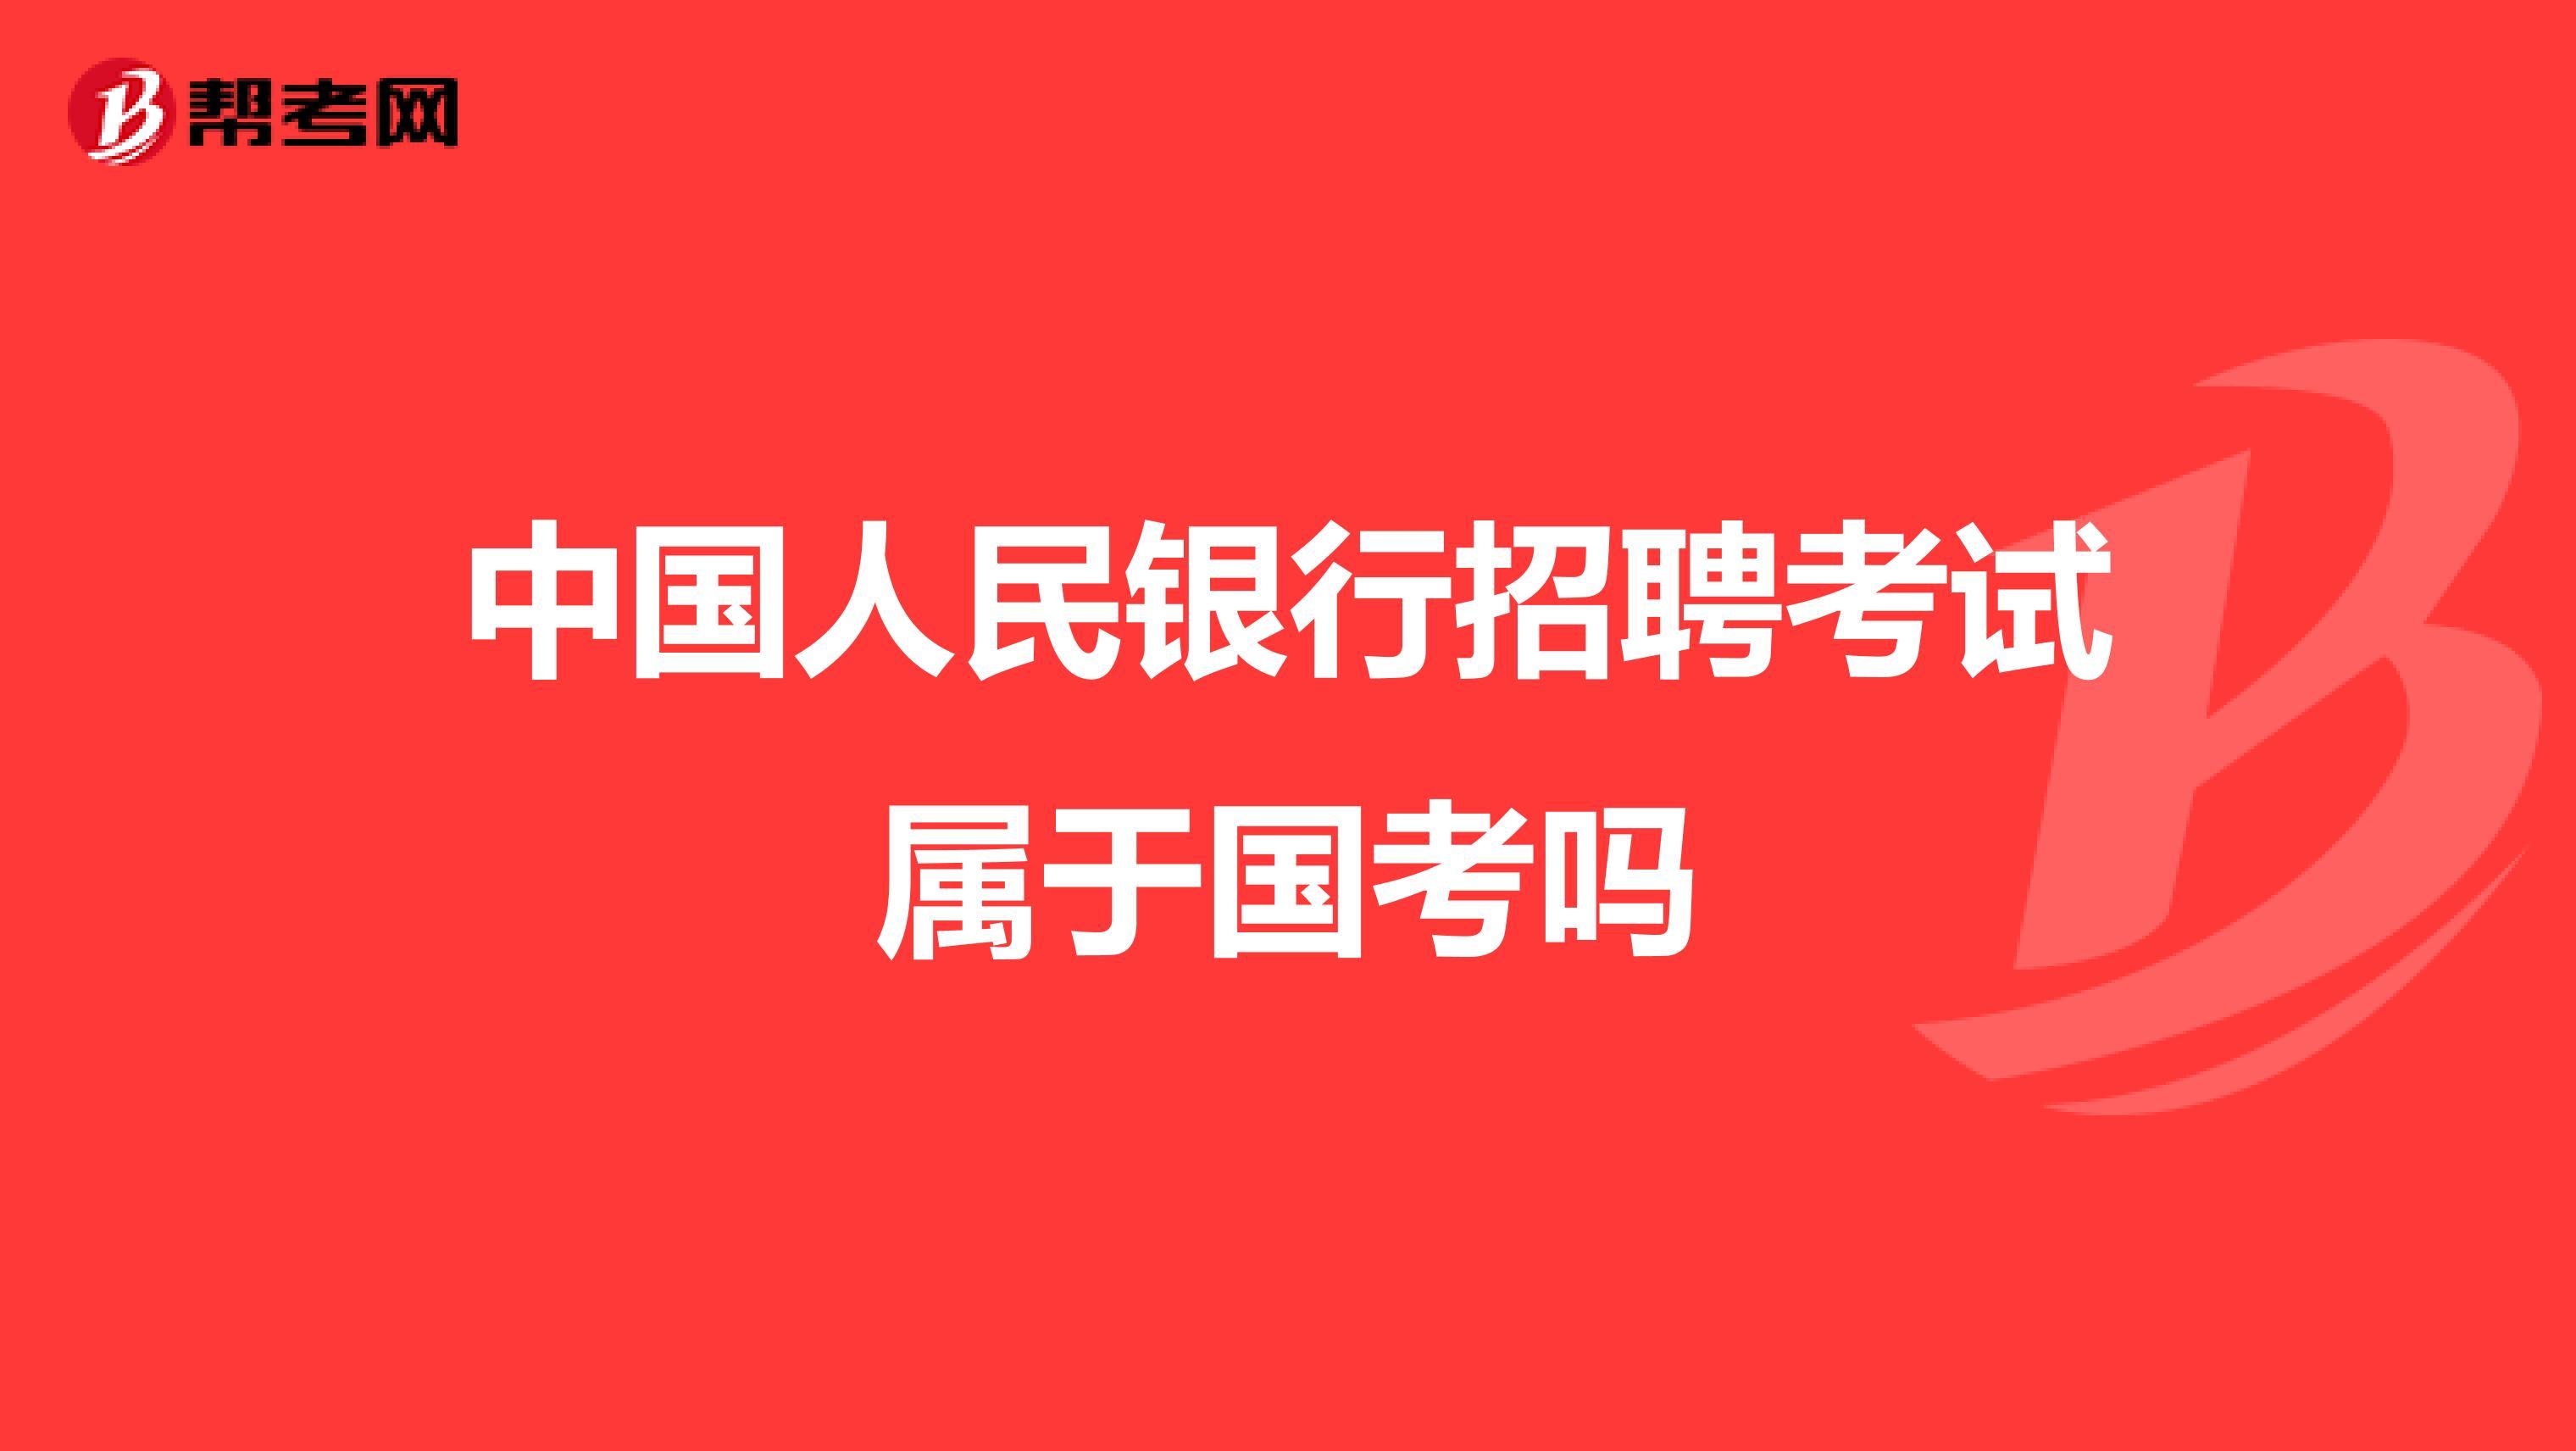 中国人民银行招聘考试属于国考吗